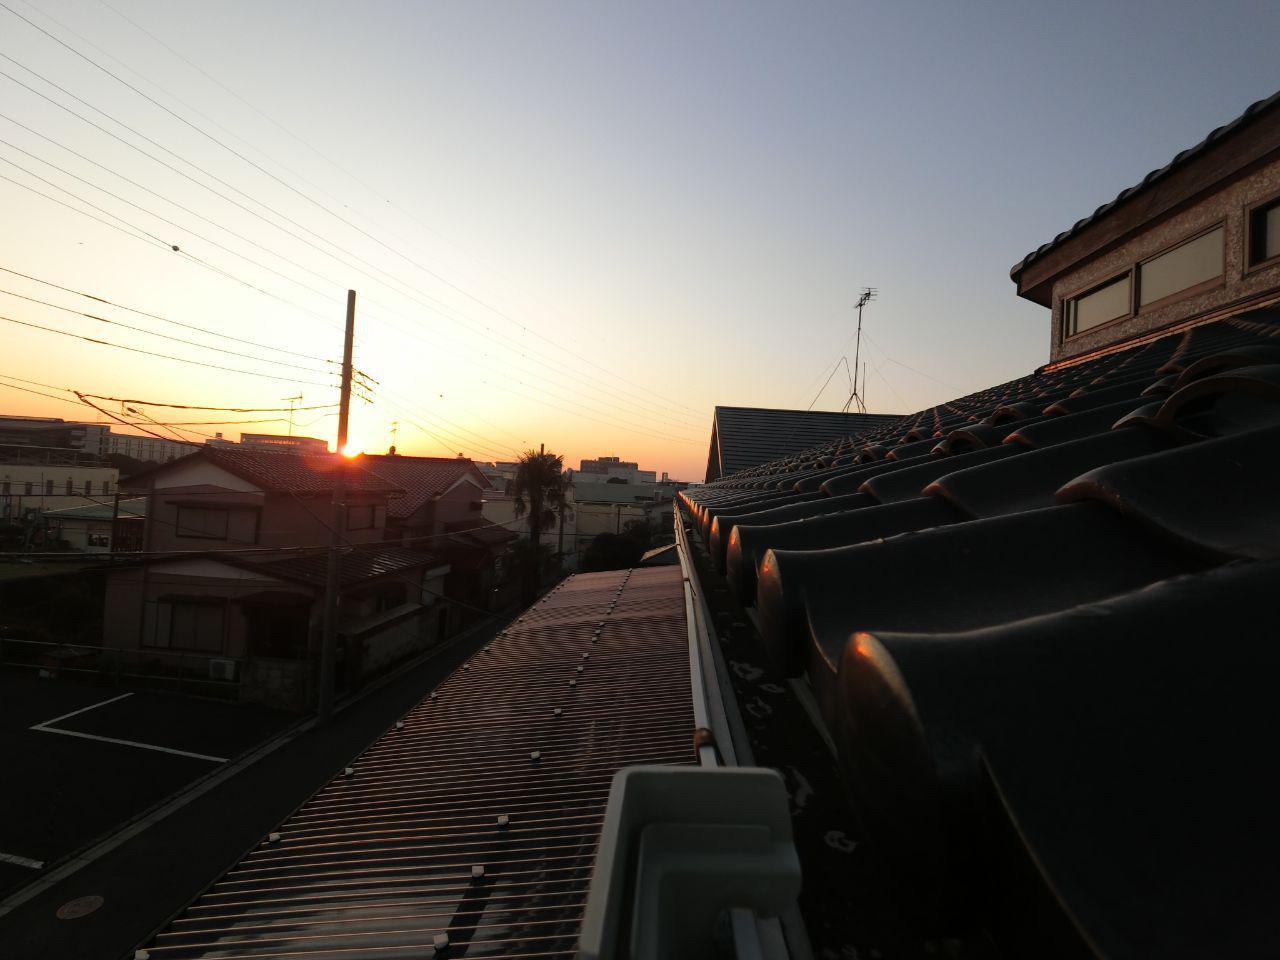 船橋市で火災保険申請で雨どい工事!台風や大雪の影響で損傷あり!